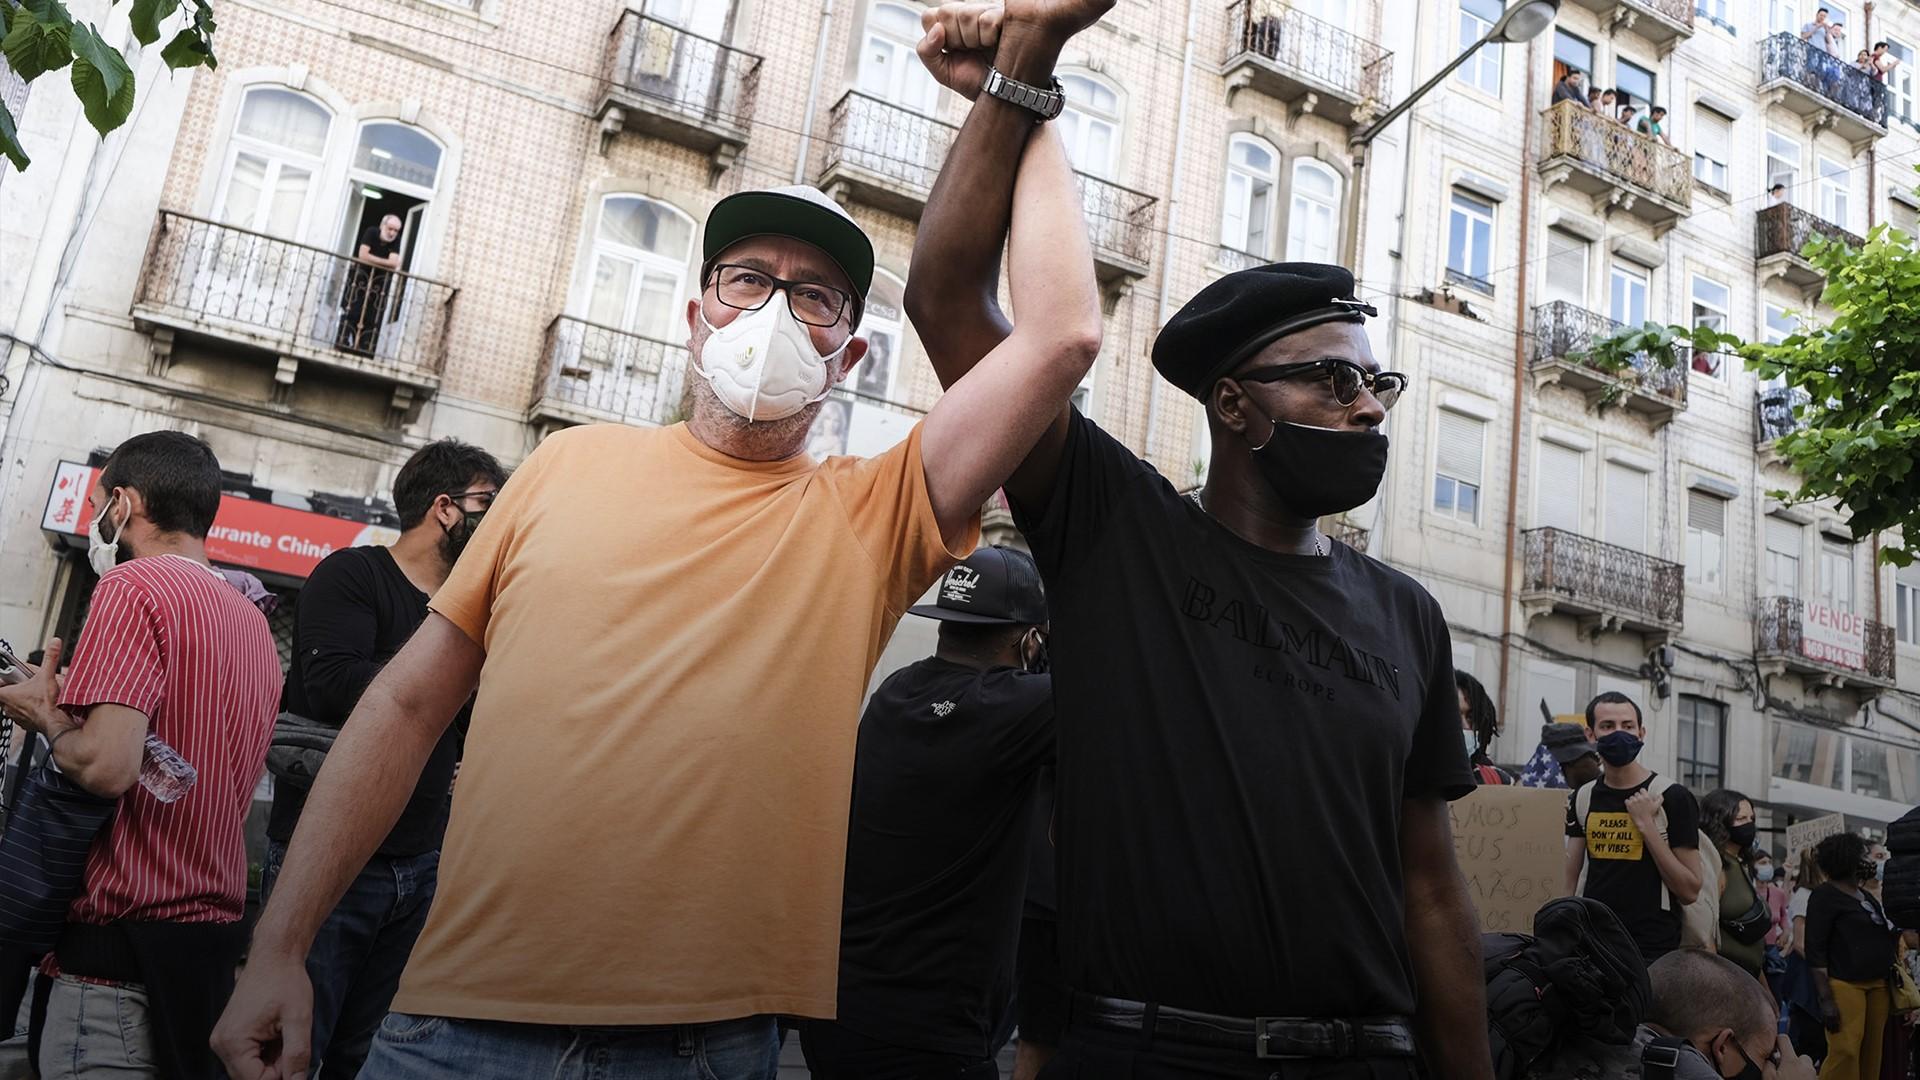 Manifestação contra o racismo junta milhares de pessoas em Lisboa